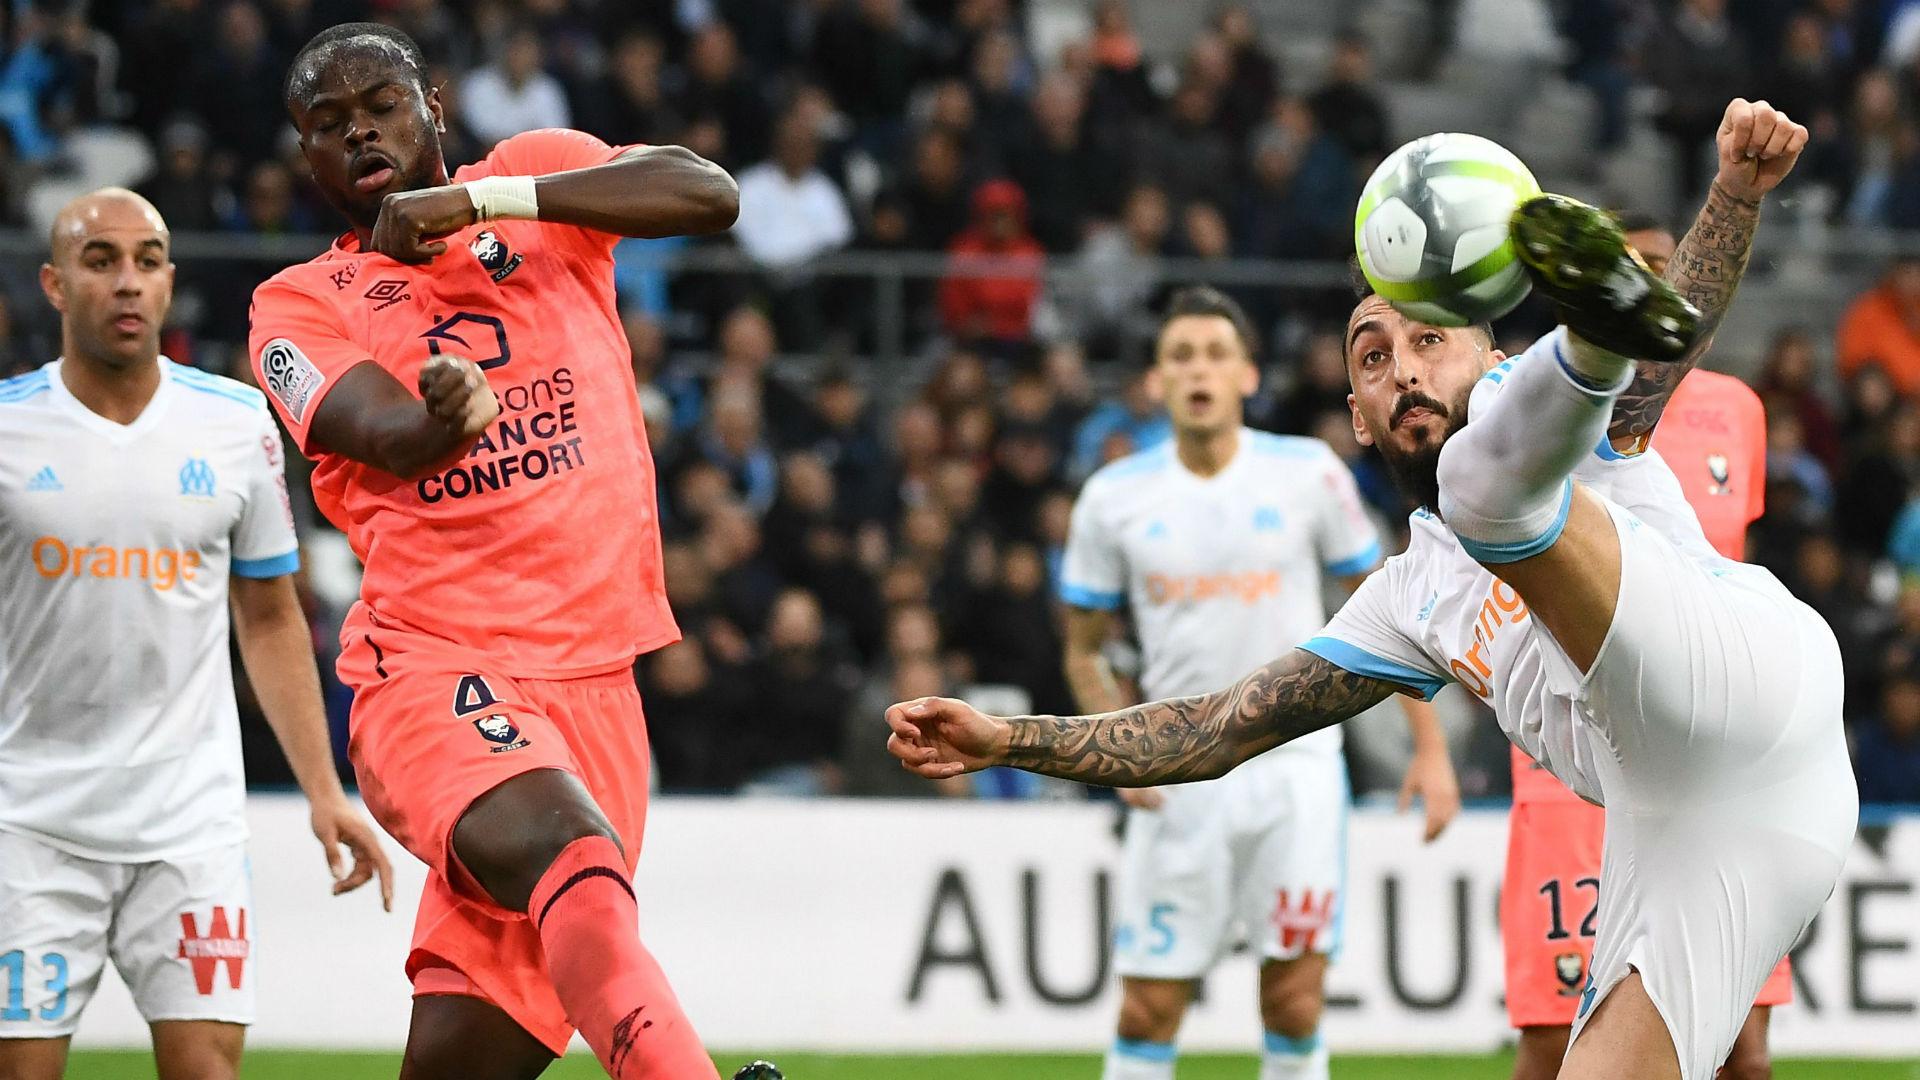 La loose : l'équipe de foot de Caen oublie un joueur à Strasbourg